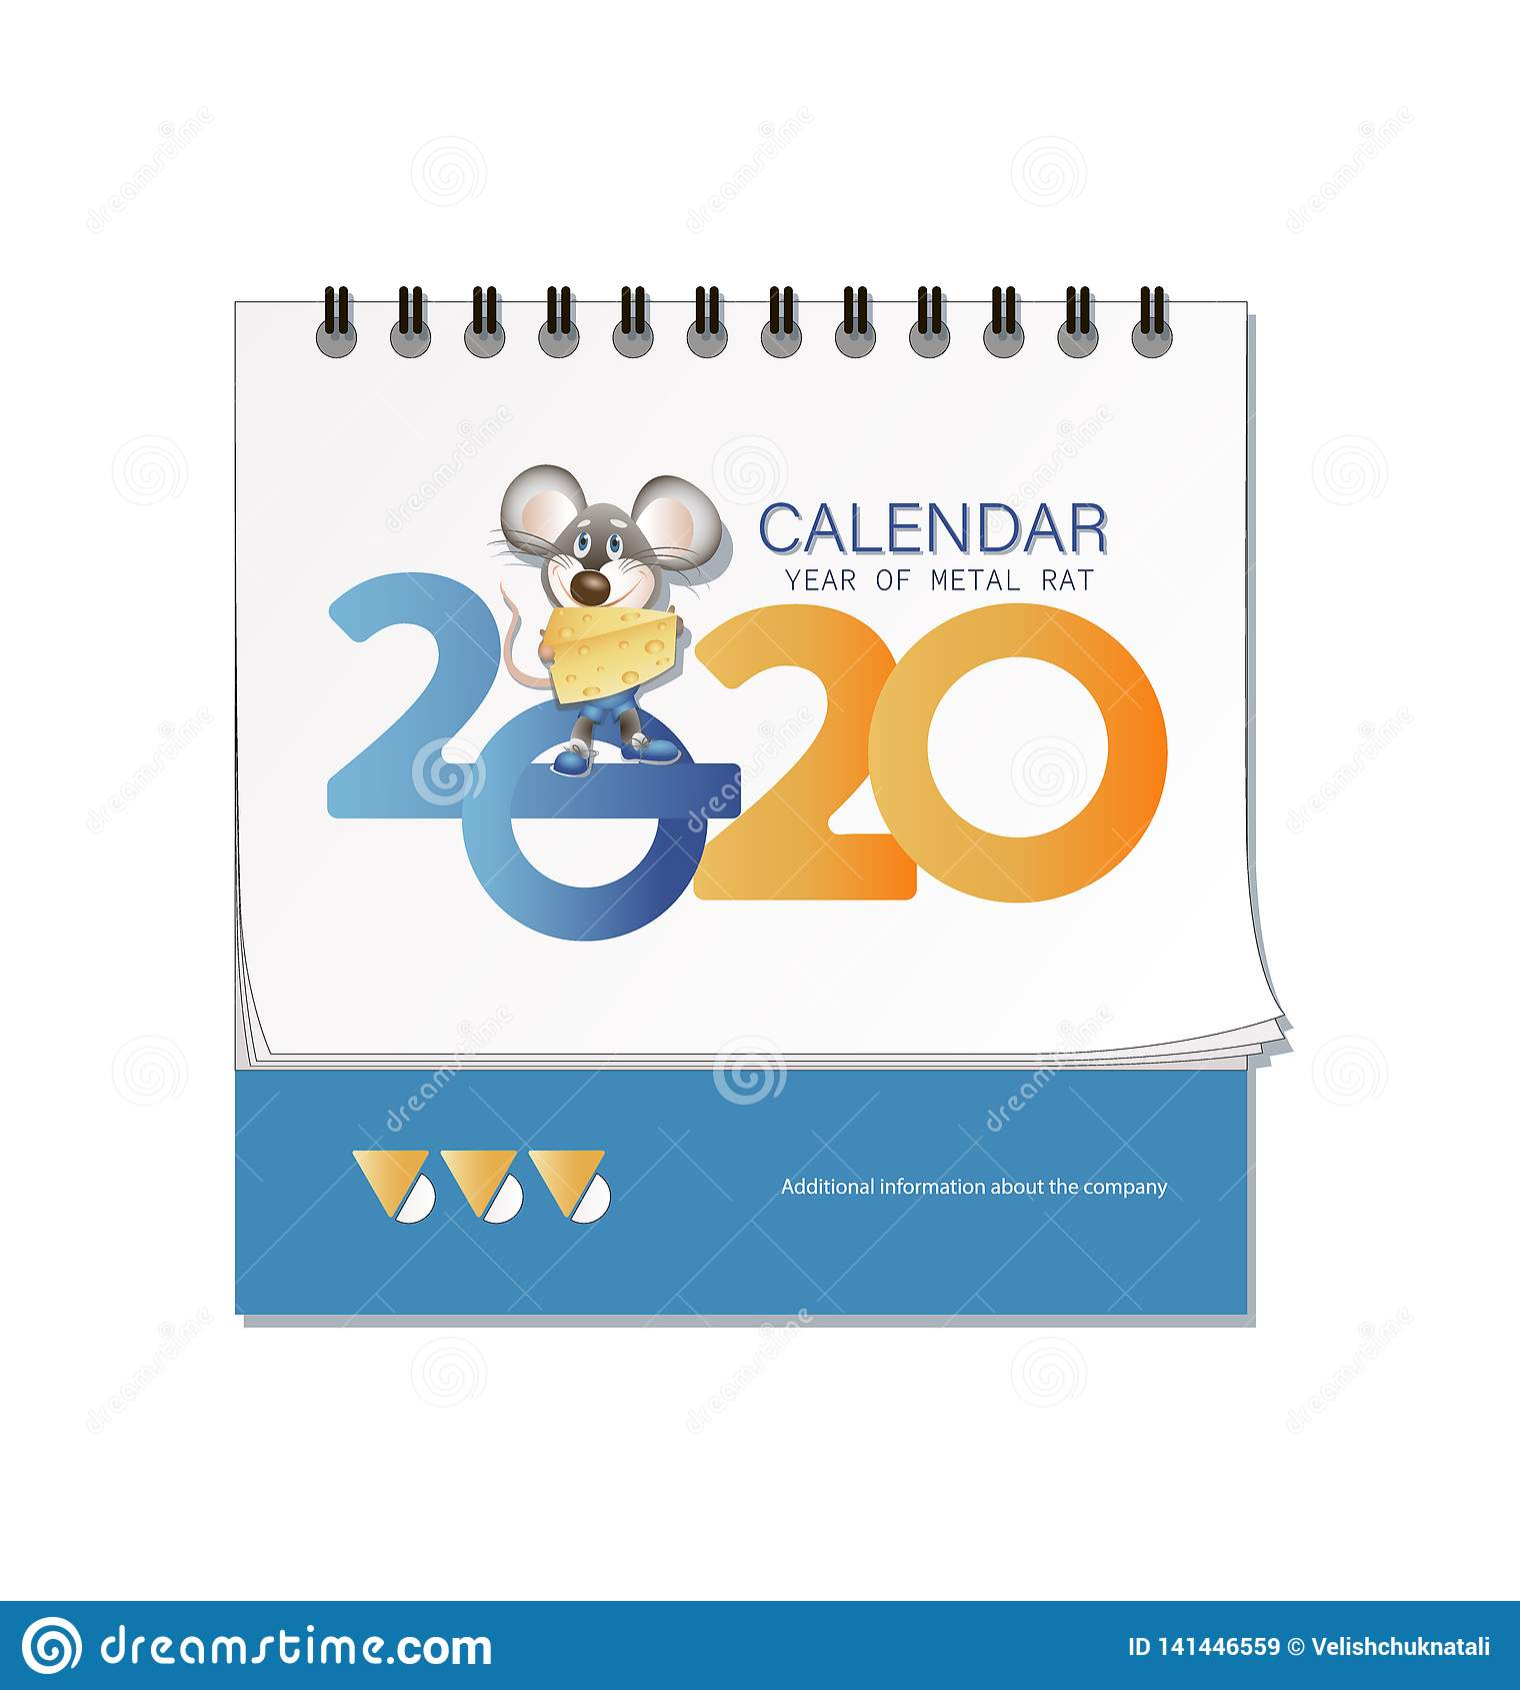 Calendario Da Scrivania 2020.Calendario Da Scrivania 2020 Topo Con Formaggio Il Simbolo